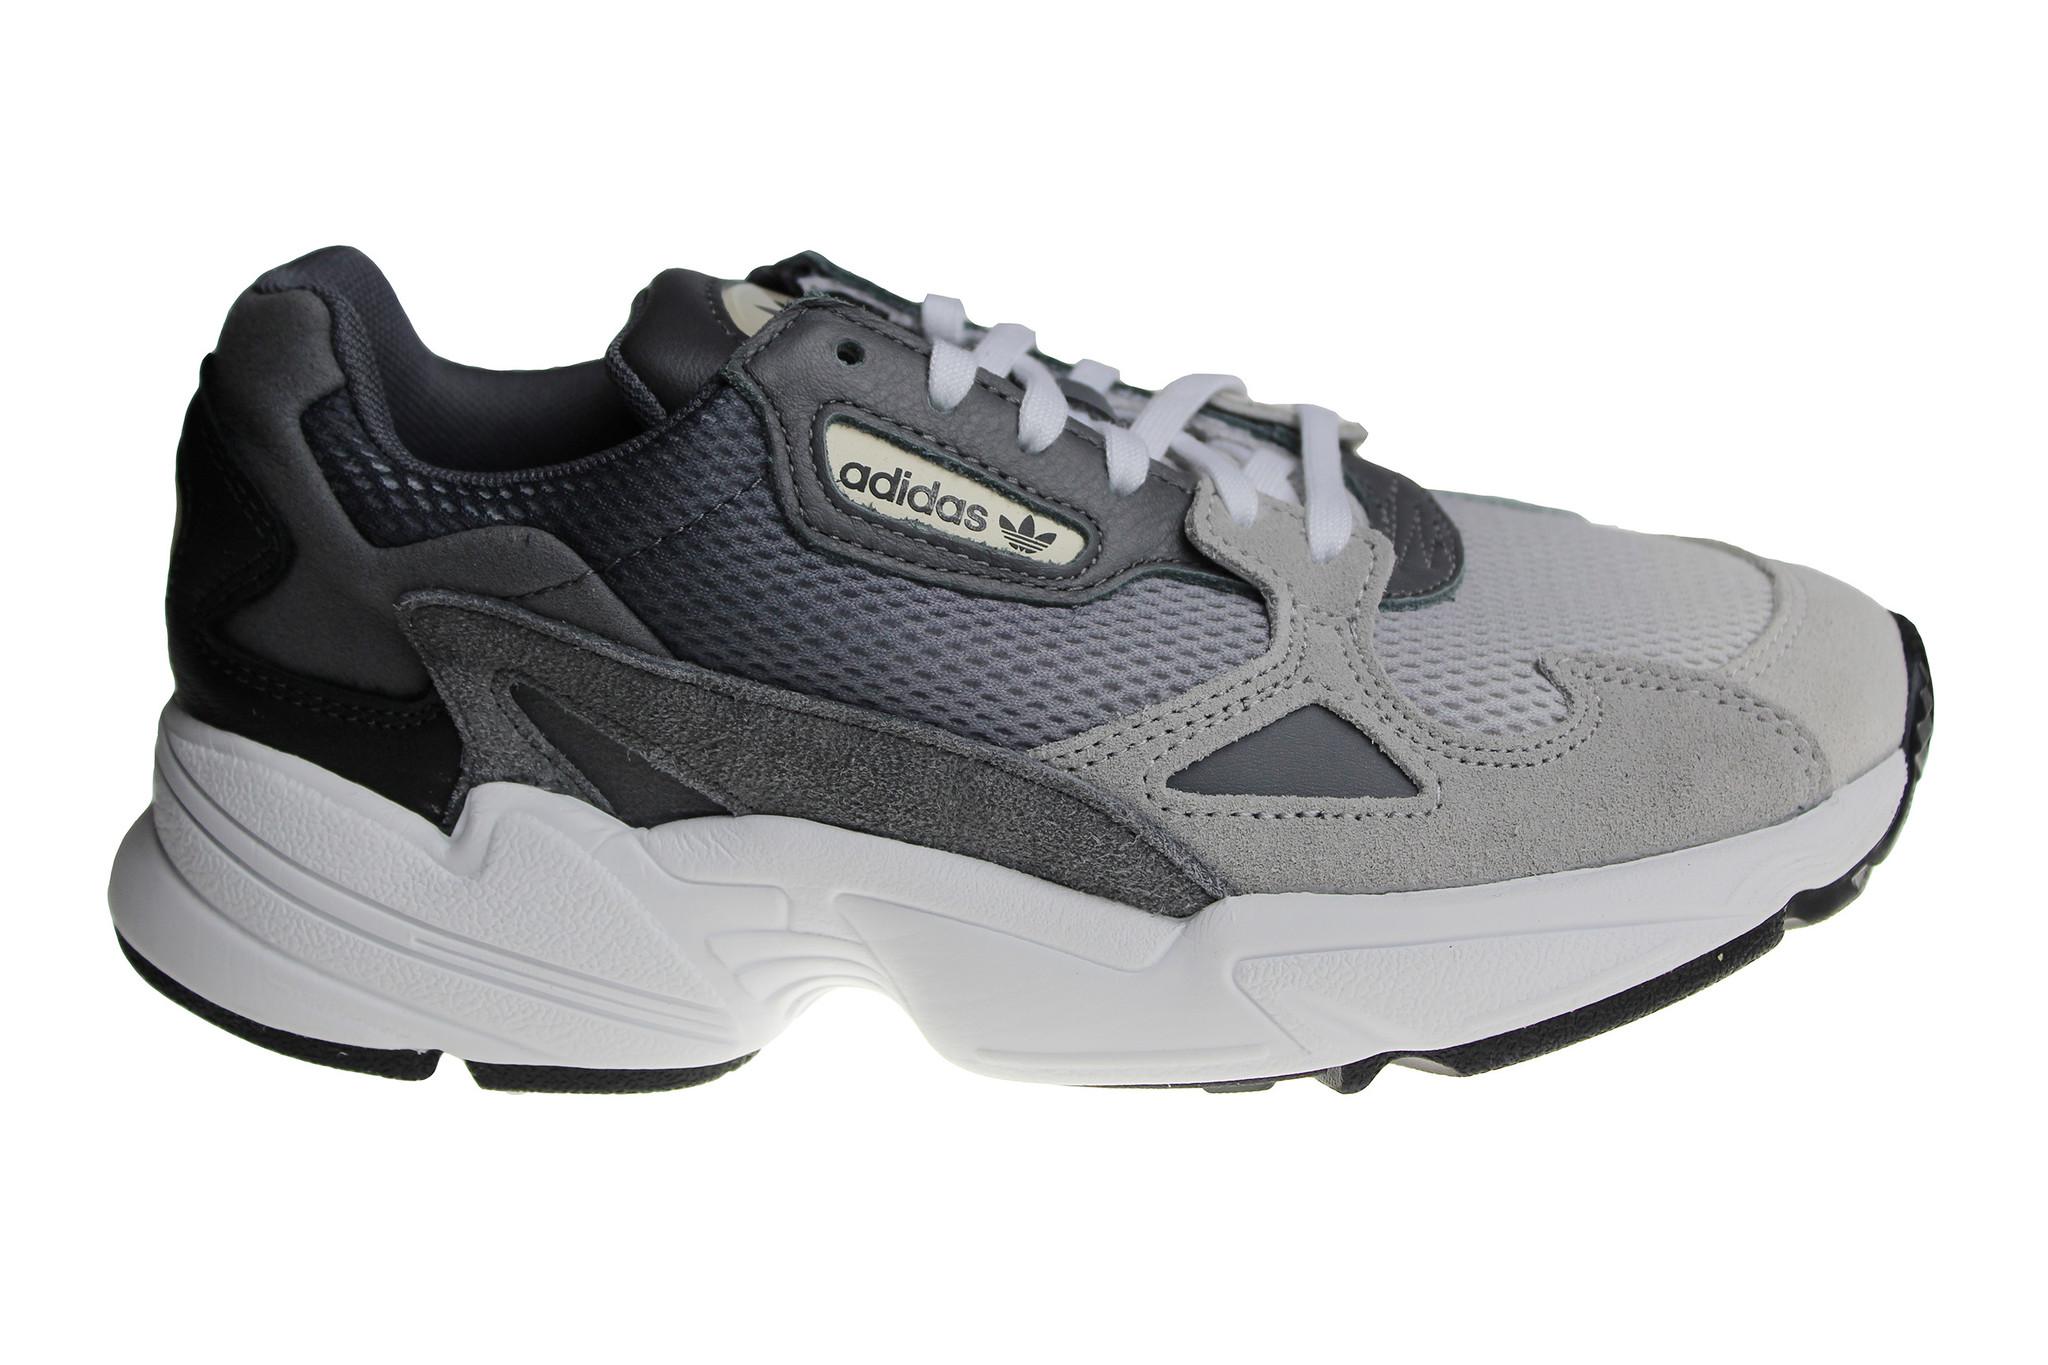 Adidas Falcon W EE5106 (Grijs/Wit) Dames Sneaker